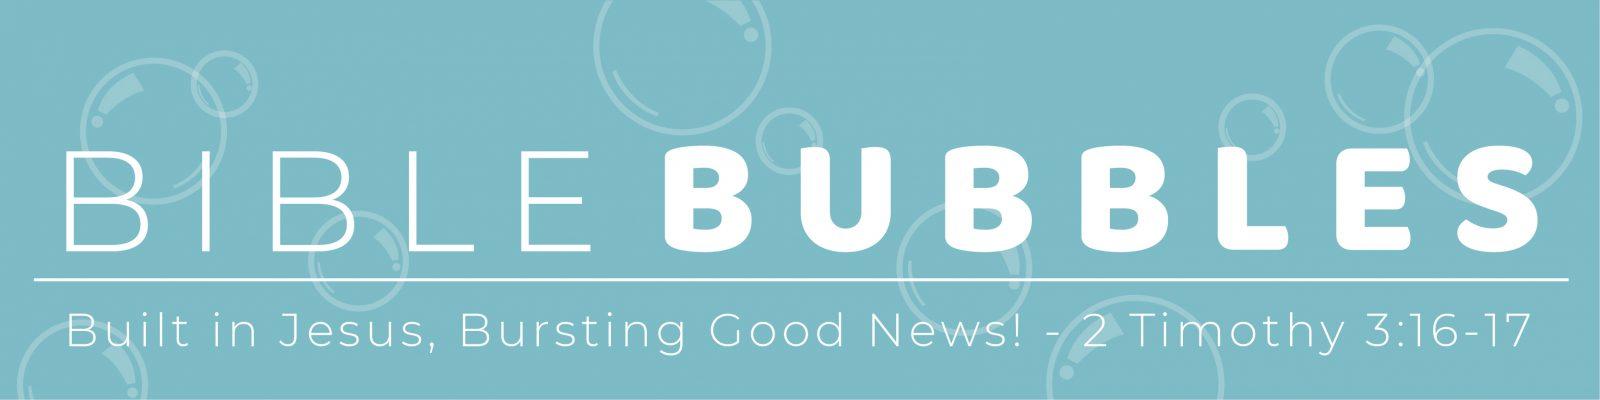 BibleBubbles_webheader-01